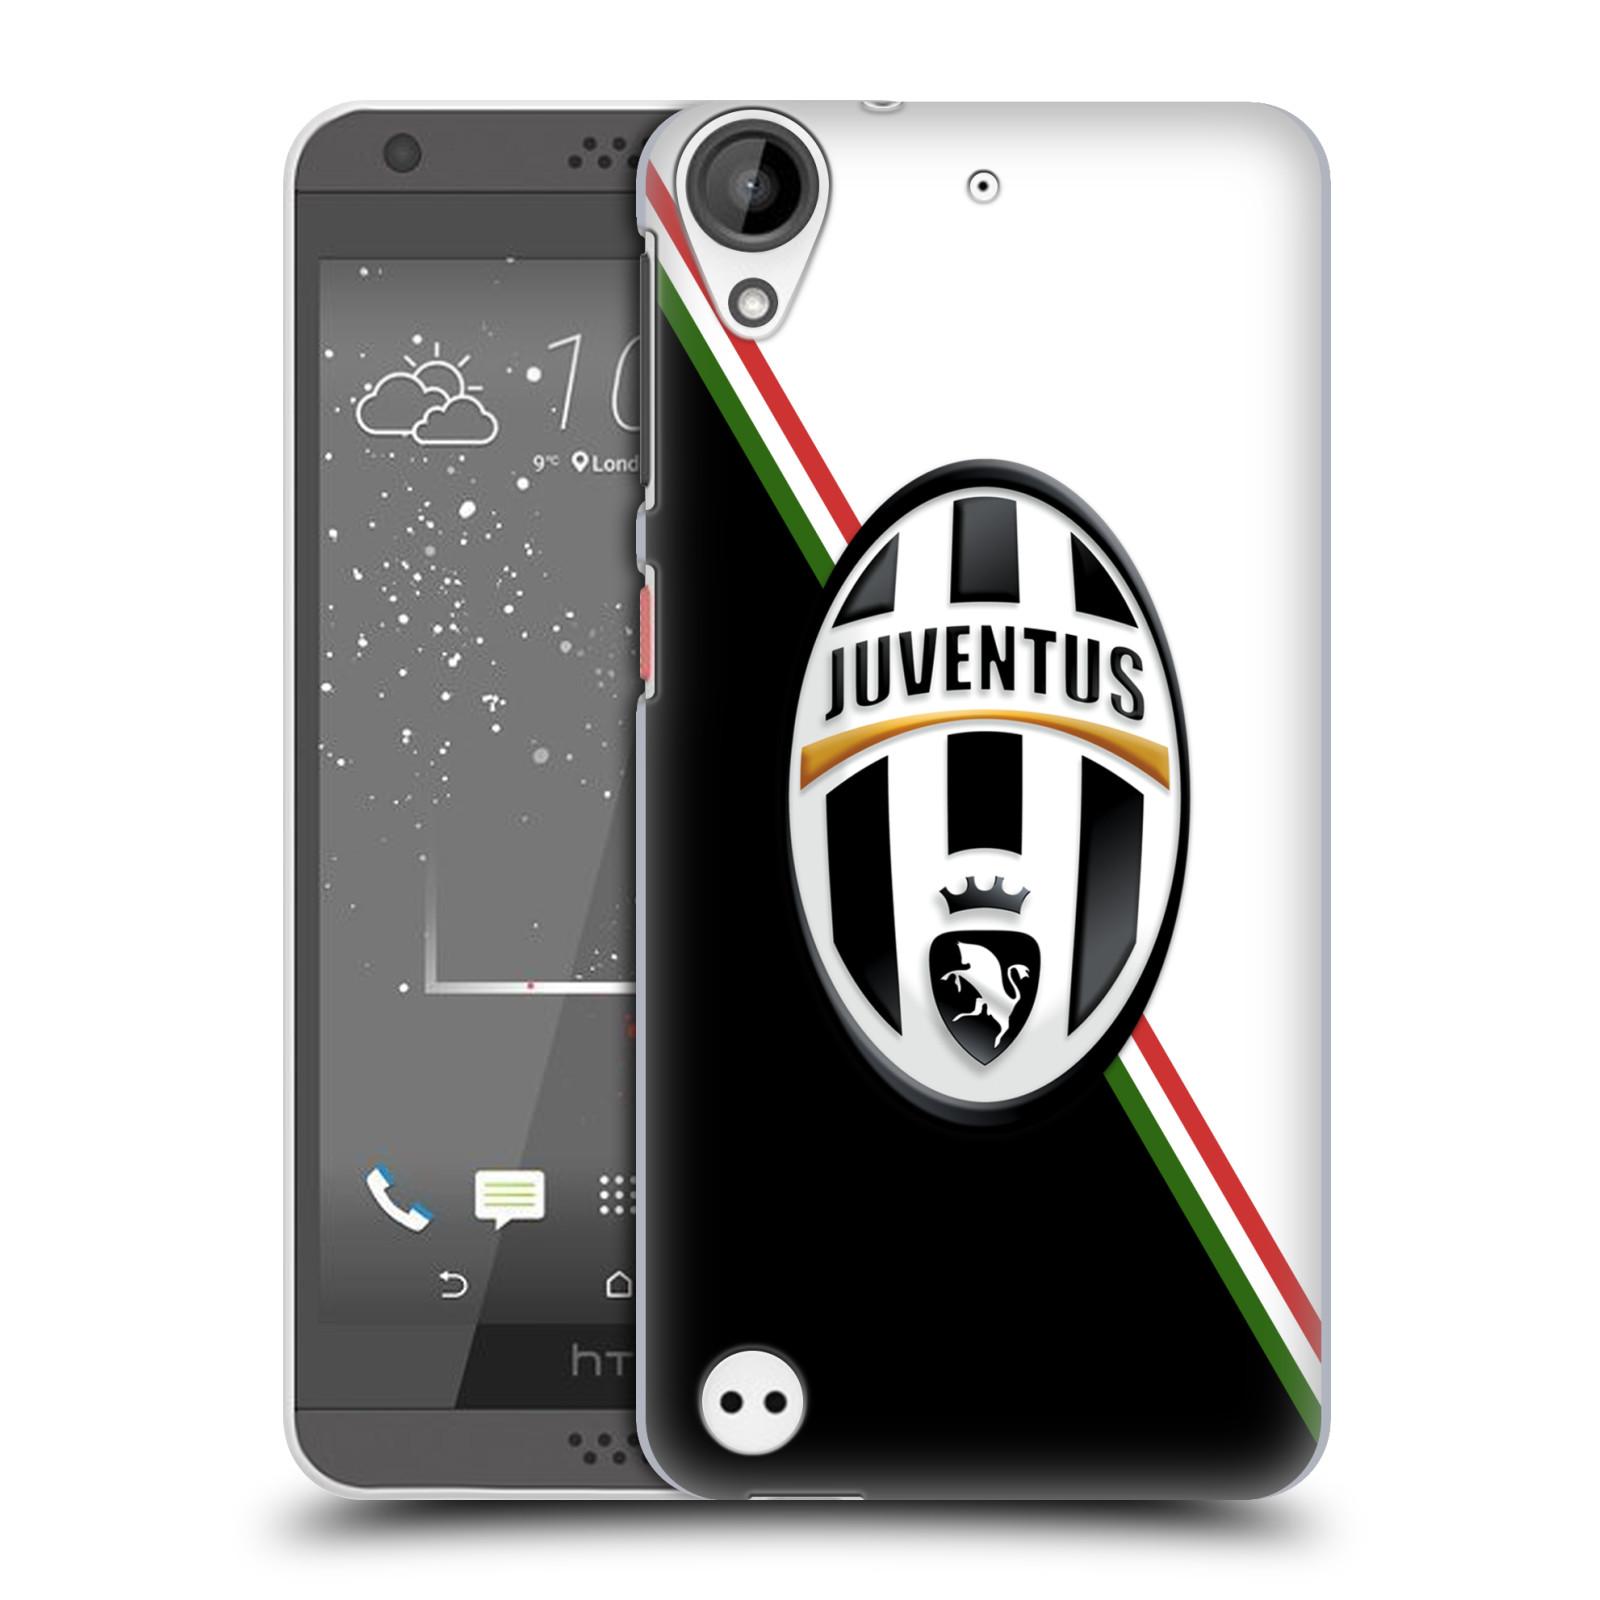 Plastové pouzdro na mobil HTC Desire 530 HEAD CASE Juventus FC - Black and White (Plastový kryt či obal na mobilní telefon Juventus FC Official pro HTC Desire 530)